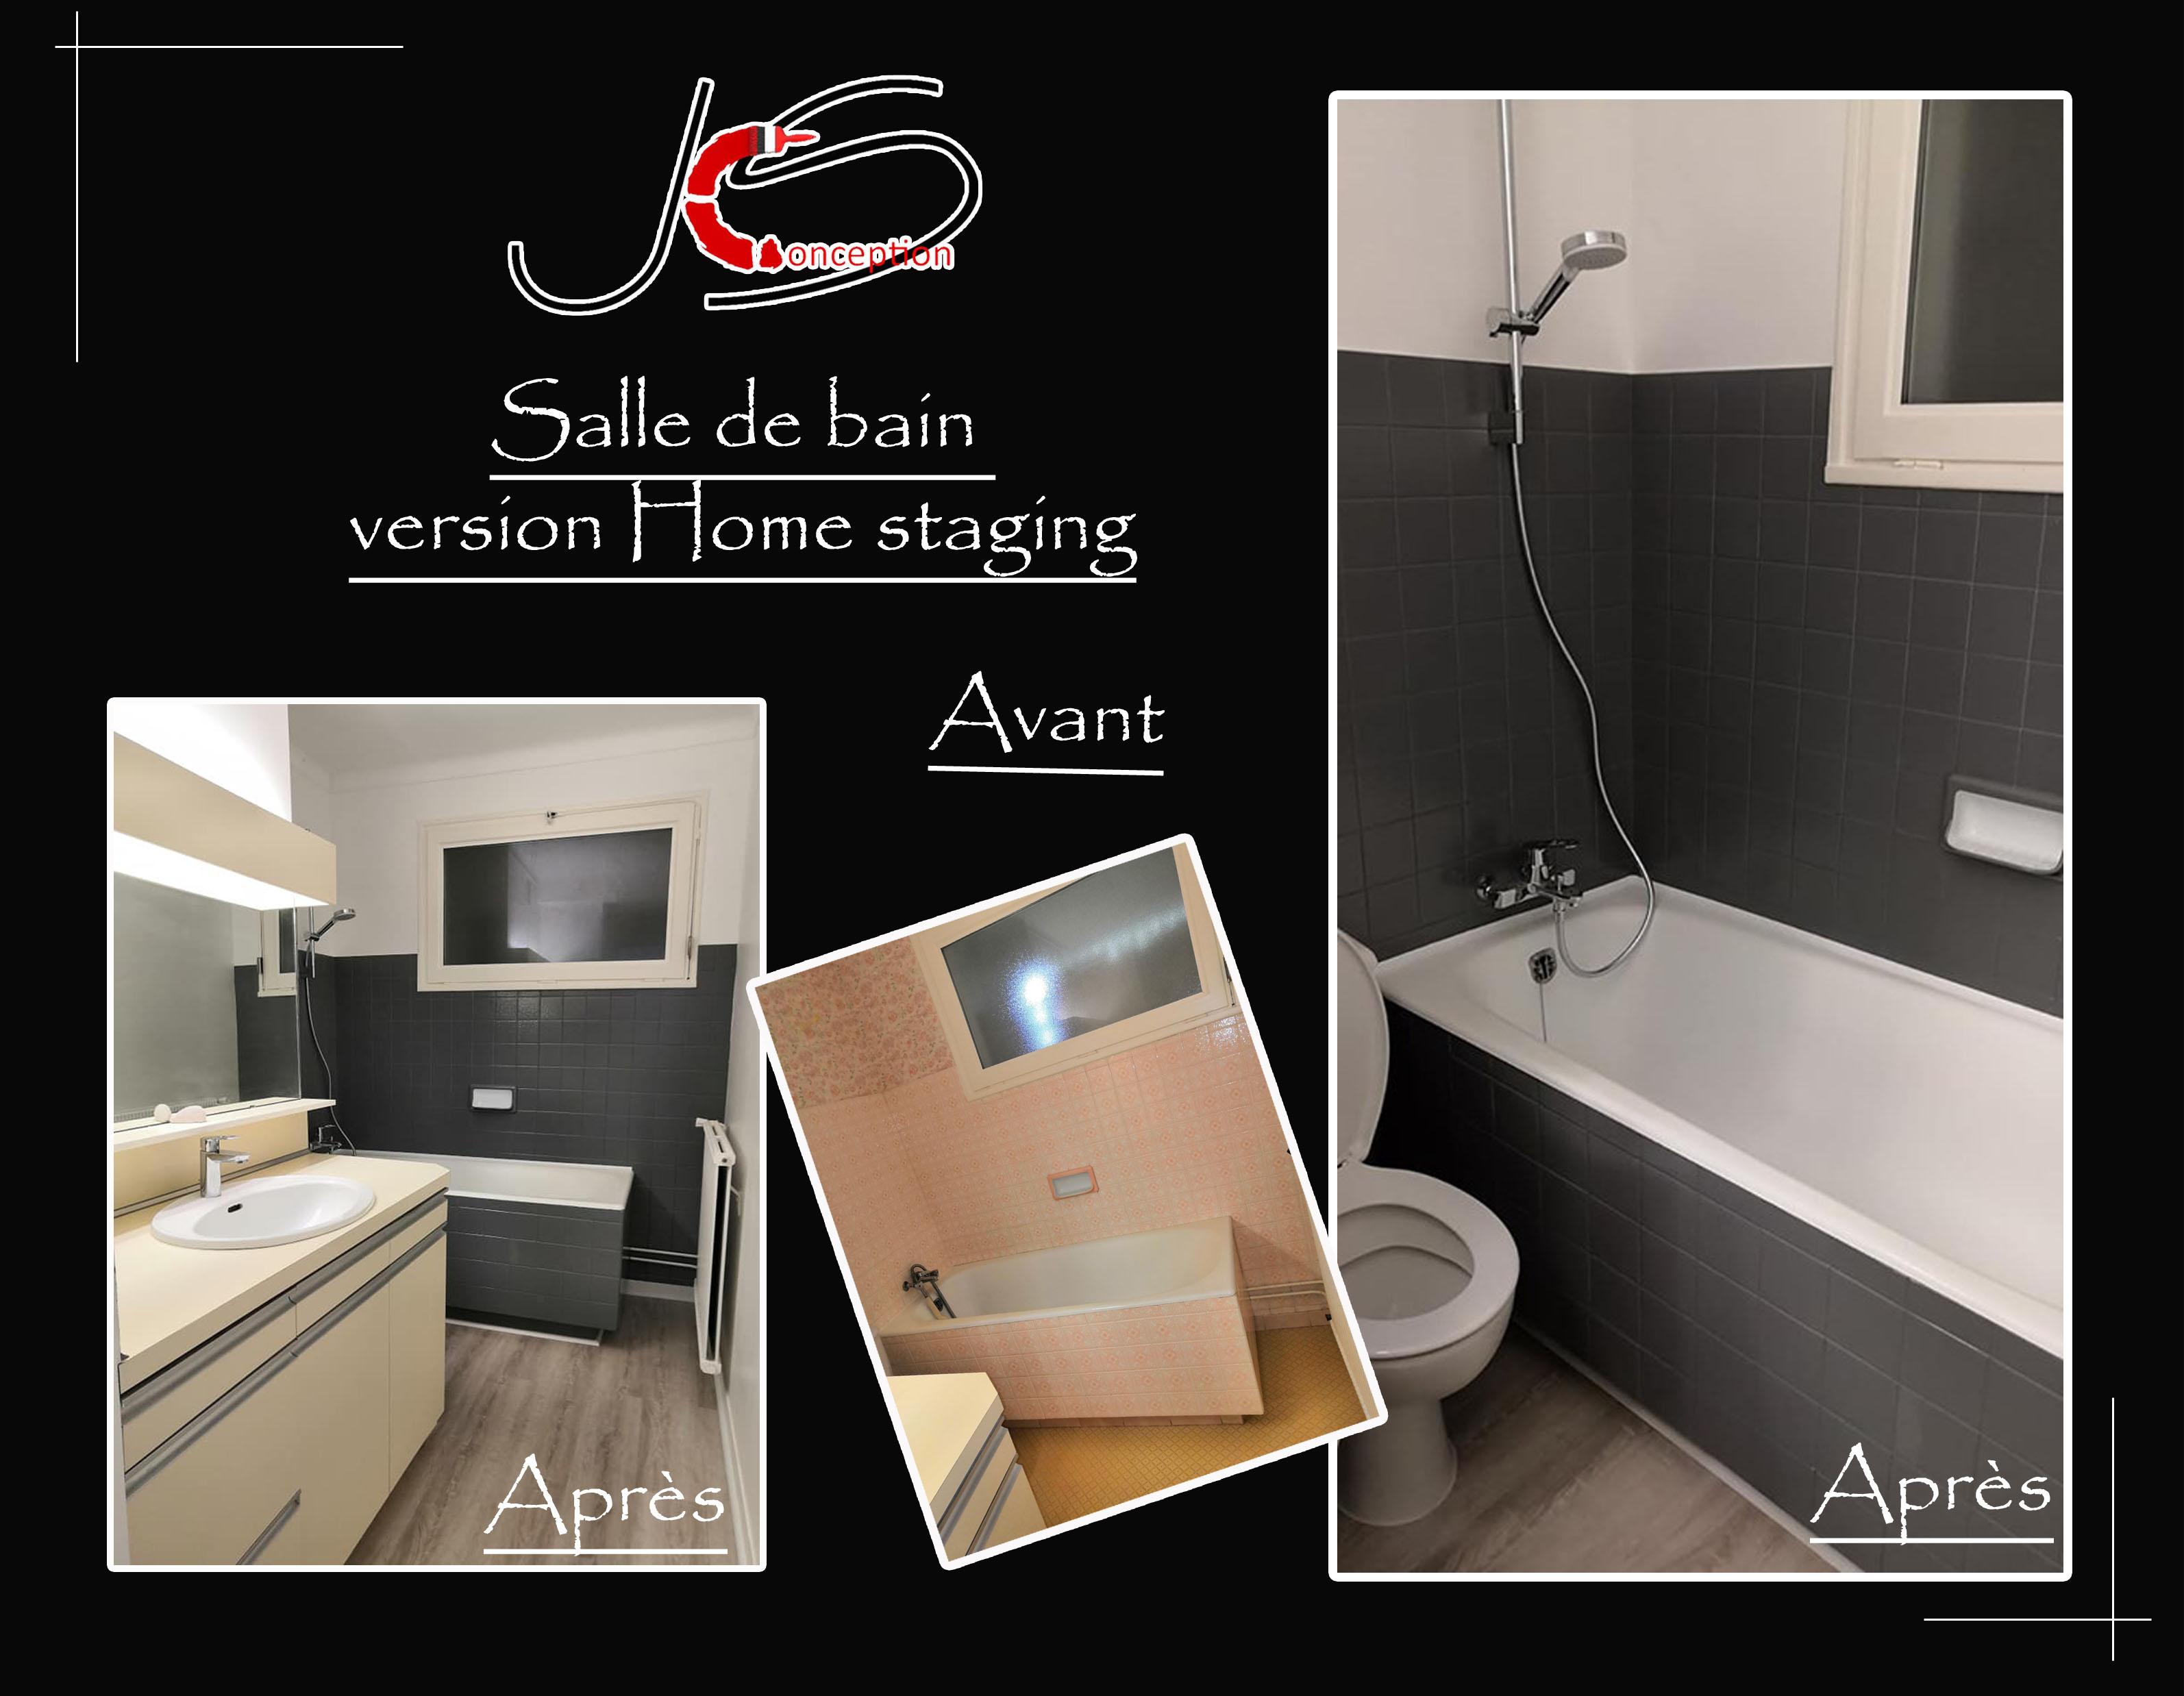 salle de bain home staging la baule projet rénovation